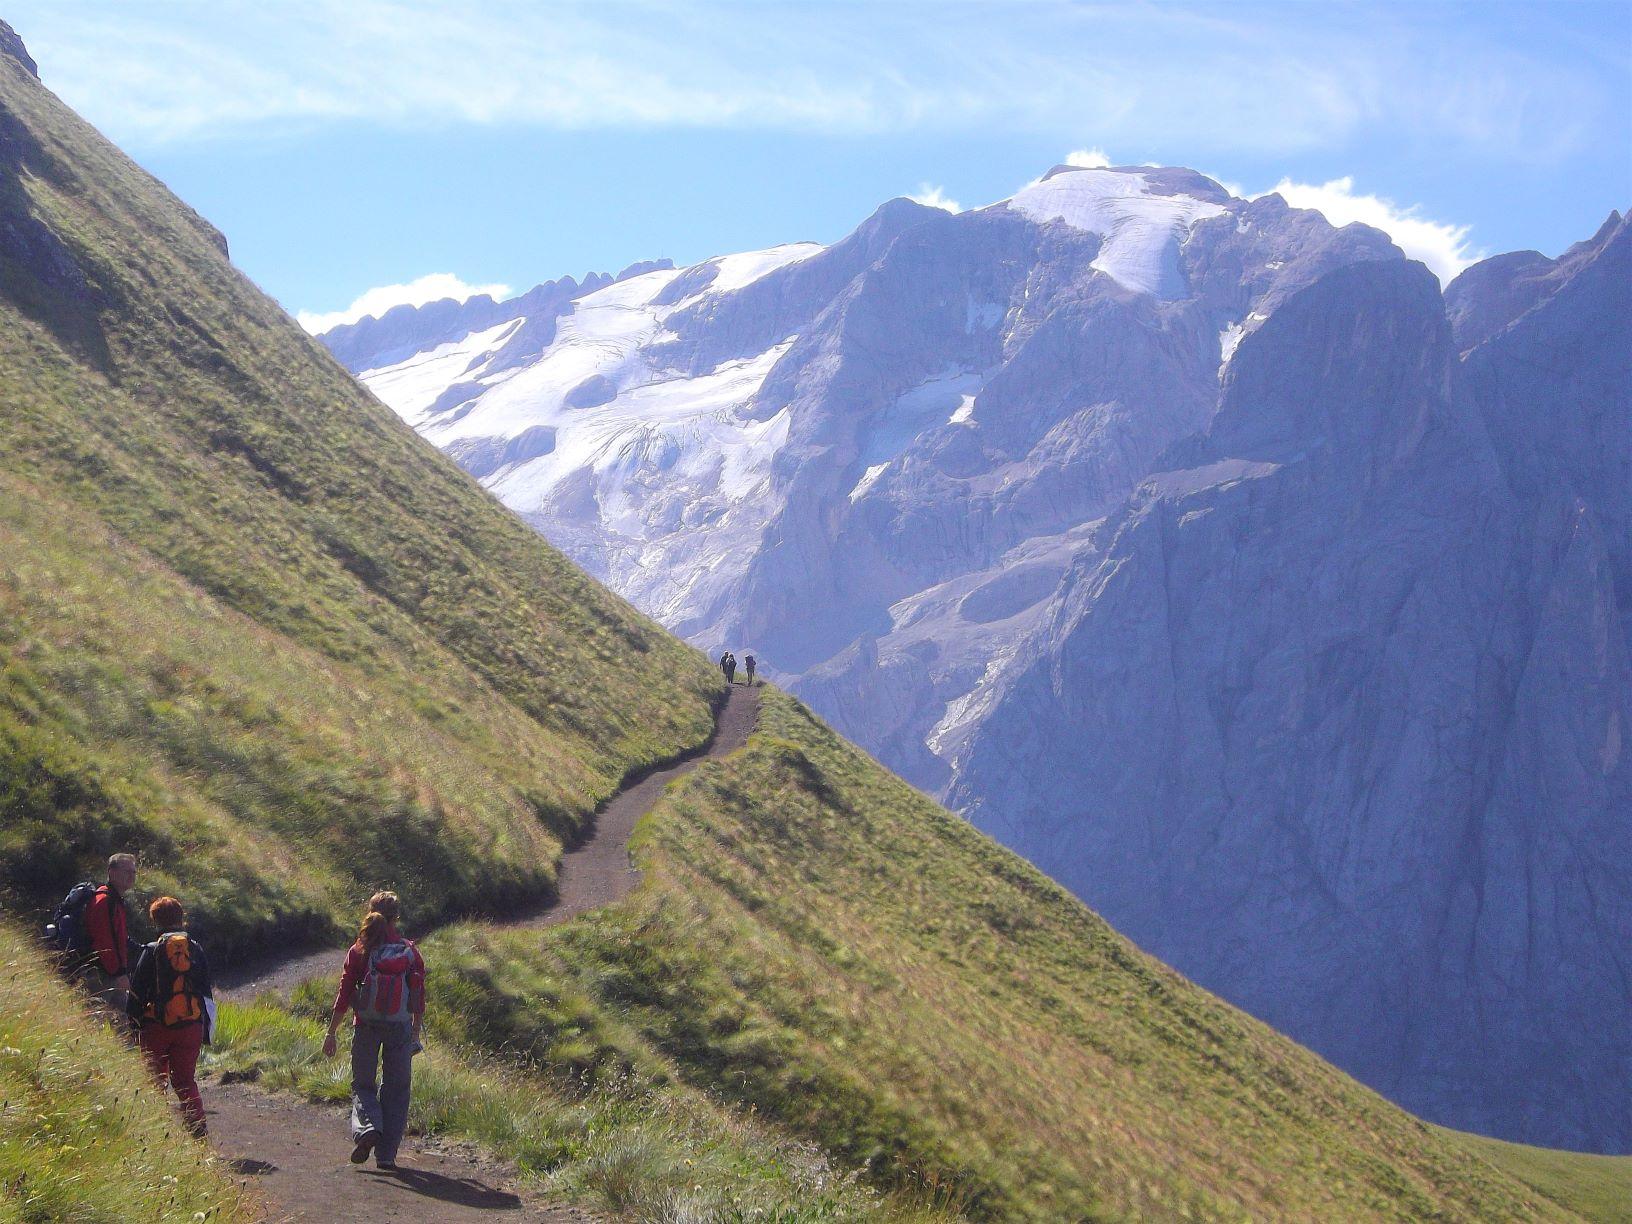 ドロミテ最高峰マルモラーダ展望ハイキング(3日目)